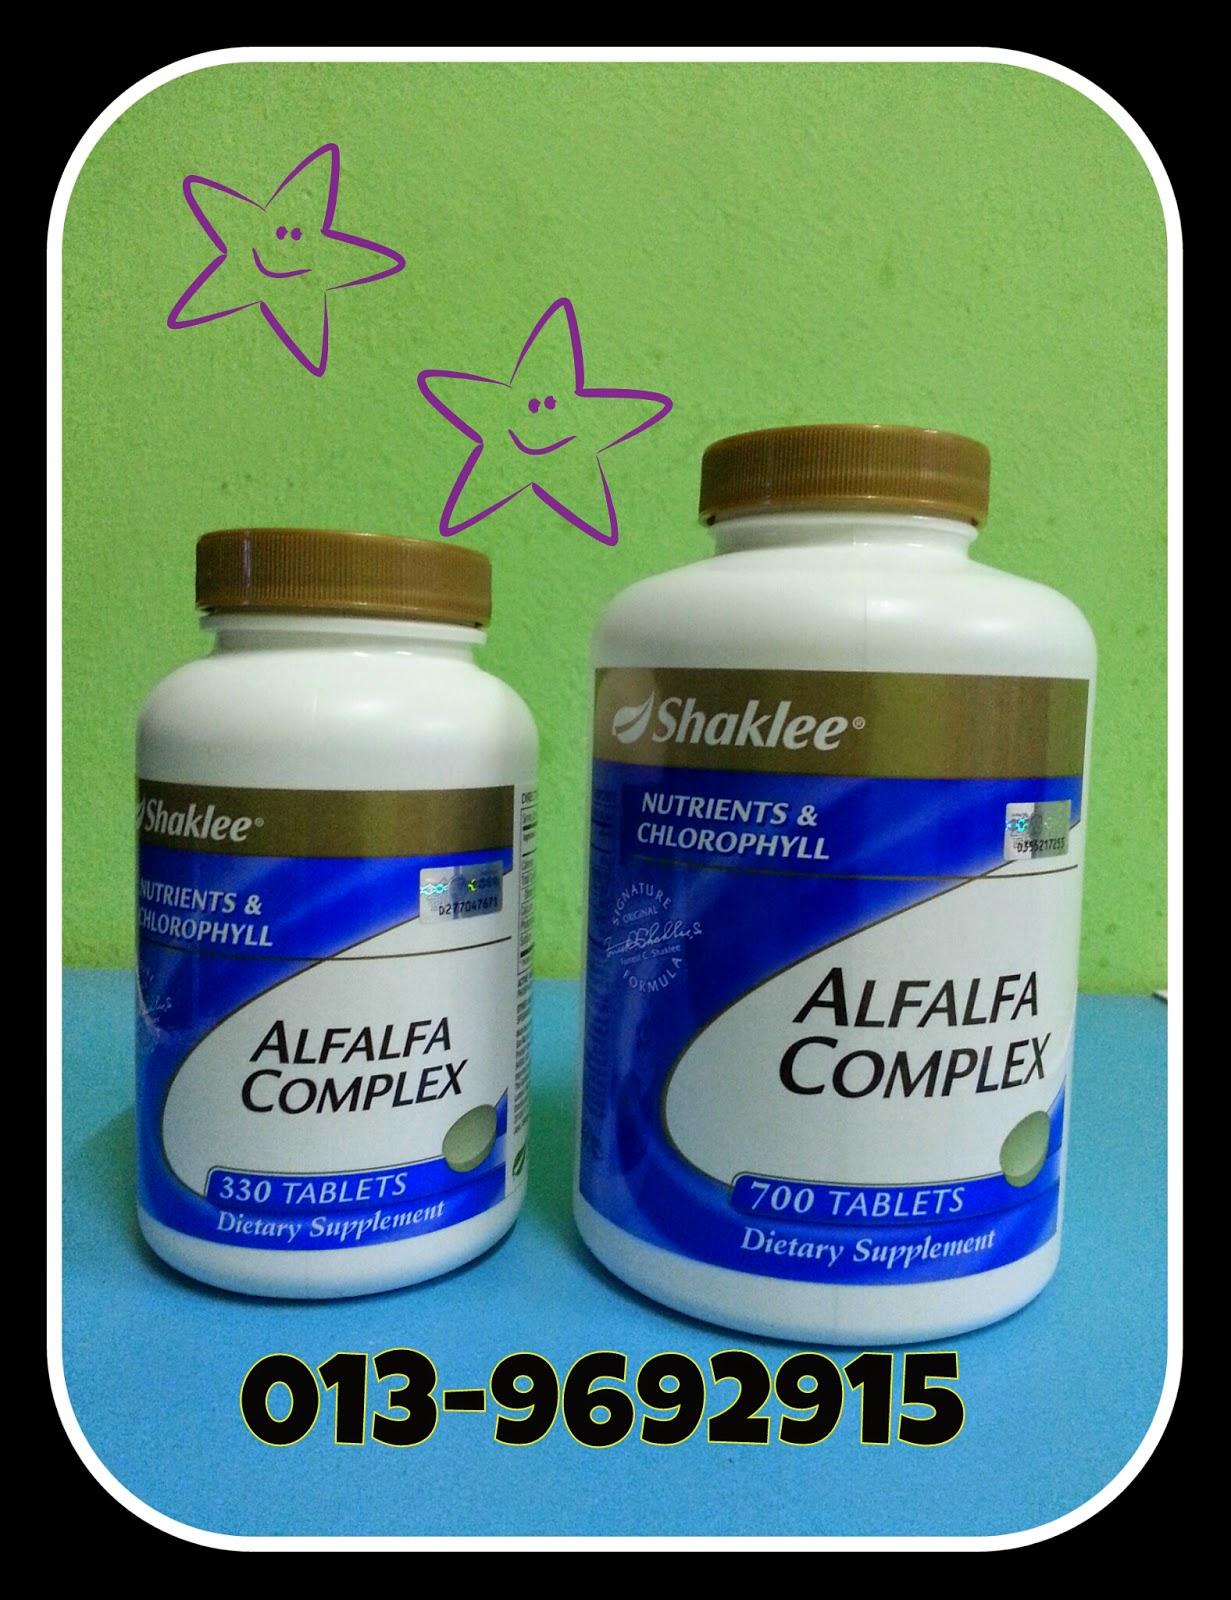 Bagus untuk pesakit diabetes kerana mengurangkan paras gula dalam darah